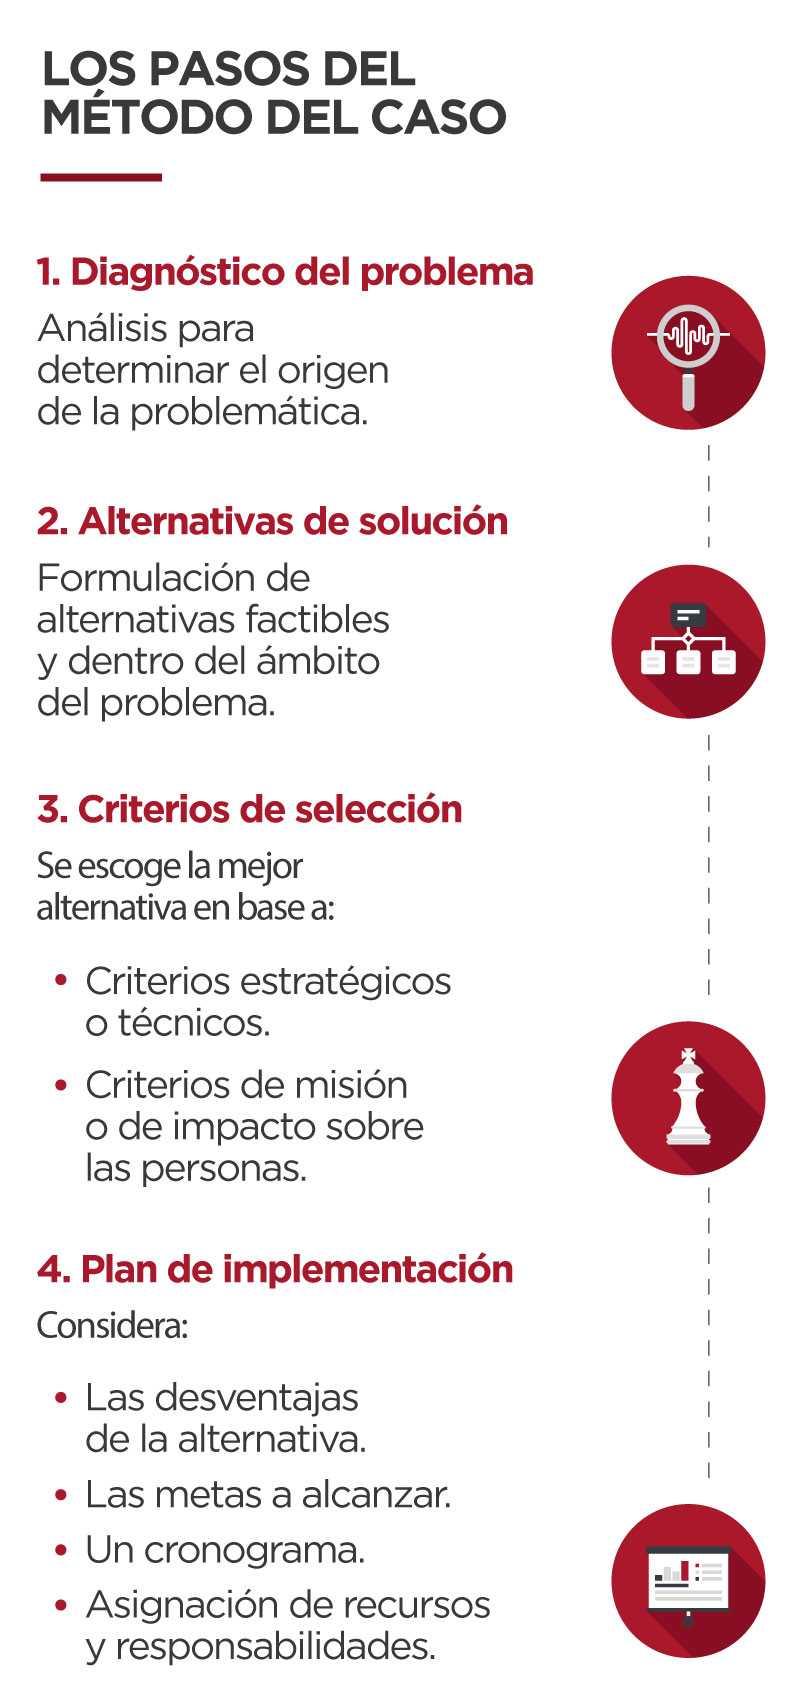 Los-pasos-del-metodo-del-caso-general-mobile